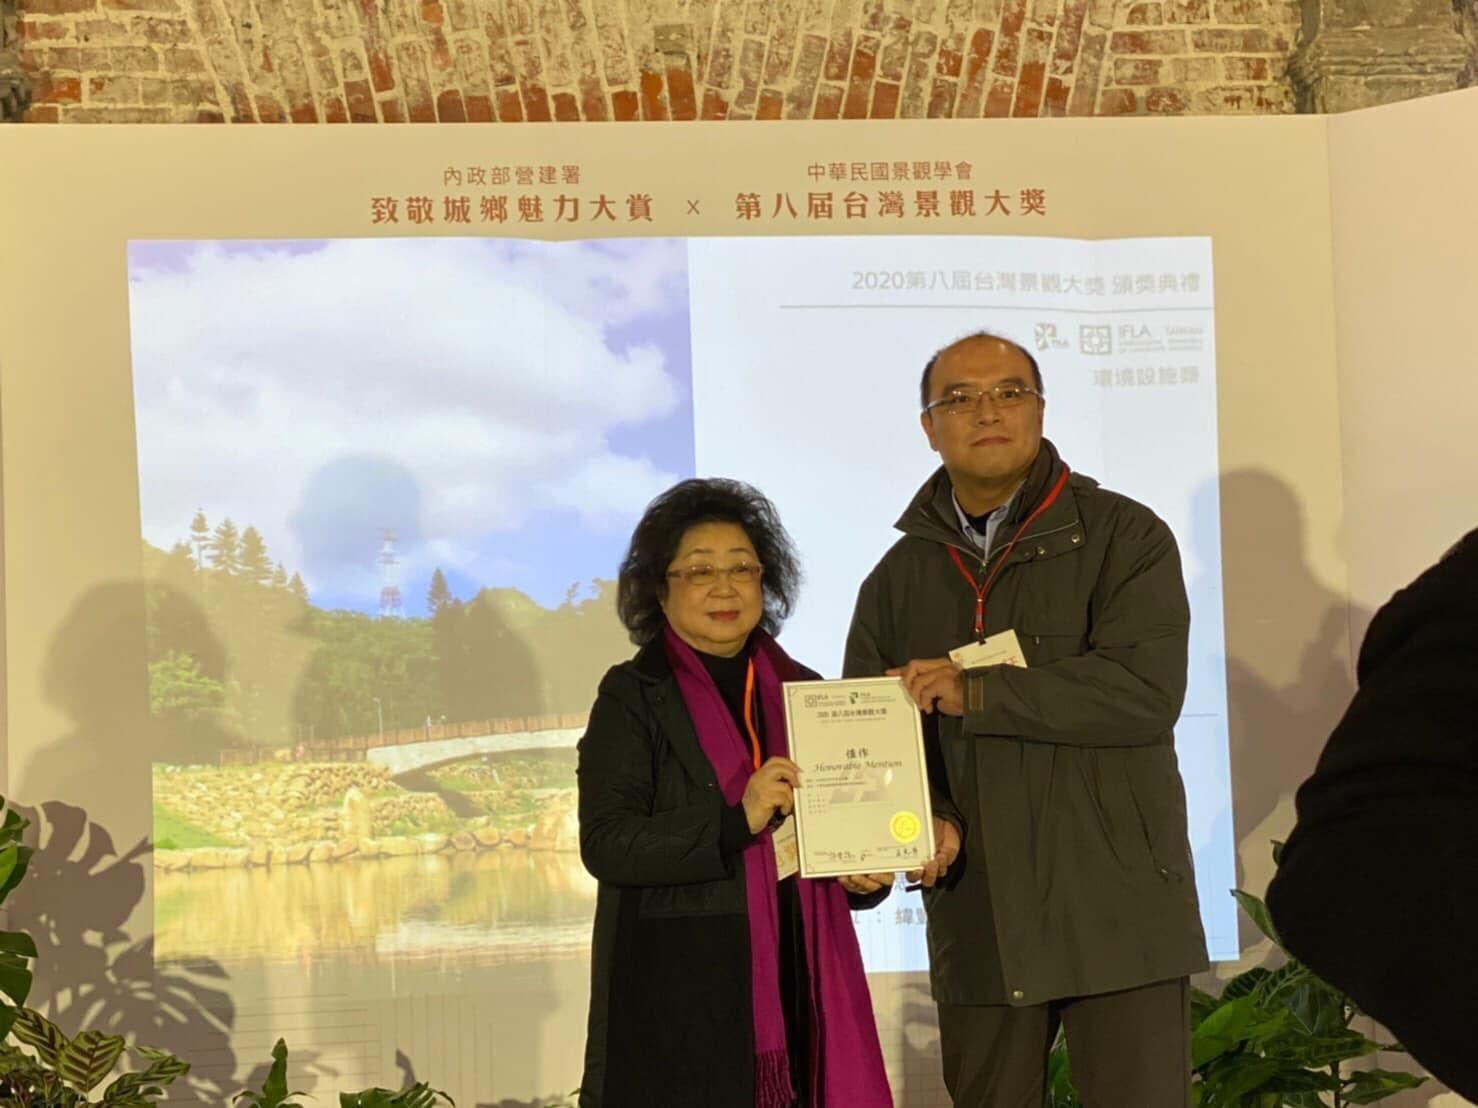 金瑞治水園區獲「2020 第八屆台灣景觀大獎」-「環境設施類別-佳作獎」